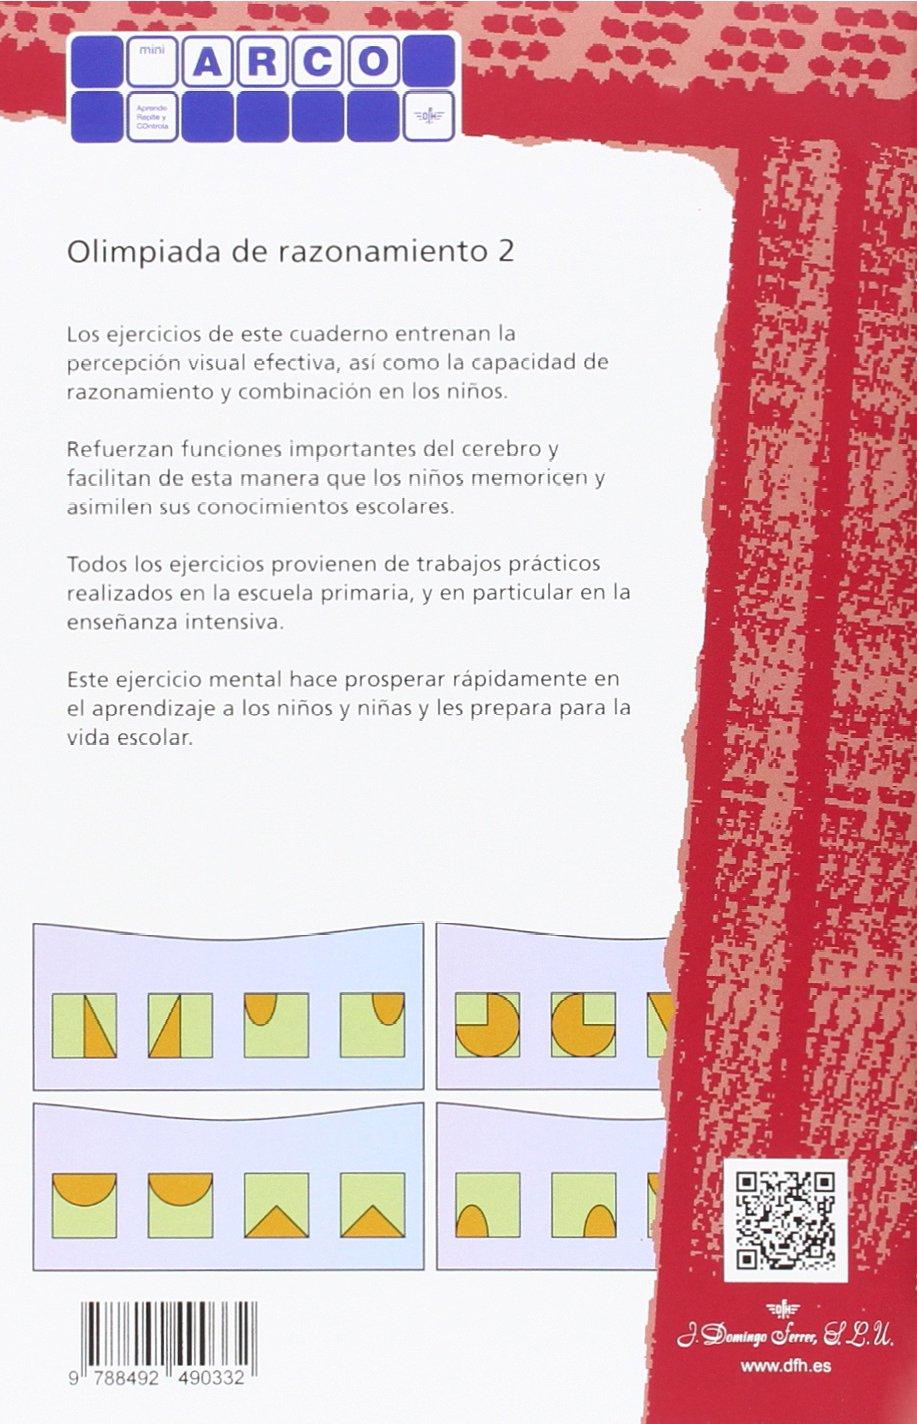 OLIMPIADA DEL RAZONAMIENTO 2 MINI ARCO: Amazon.es: AA.VV: Libros